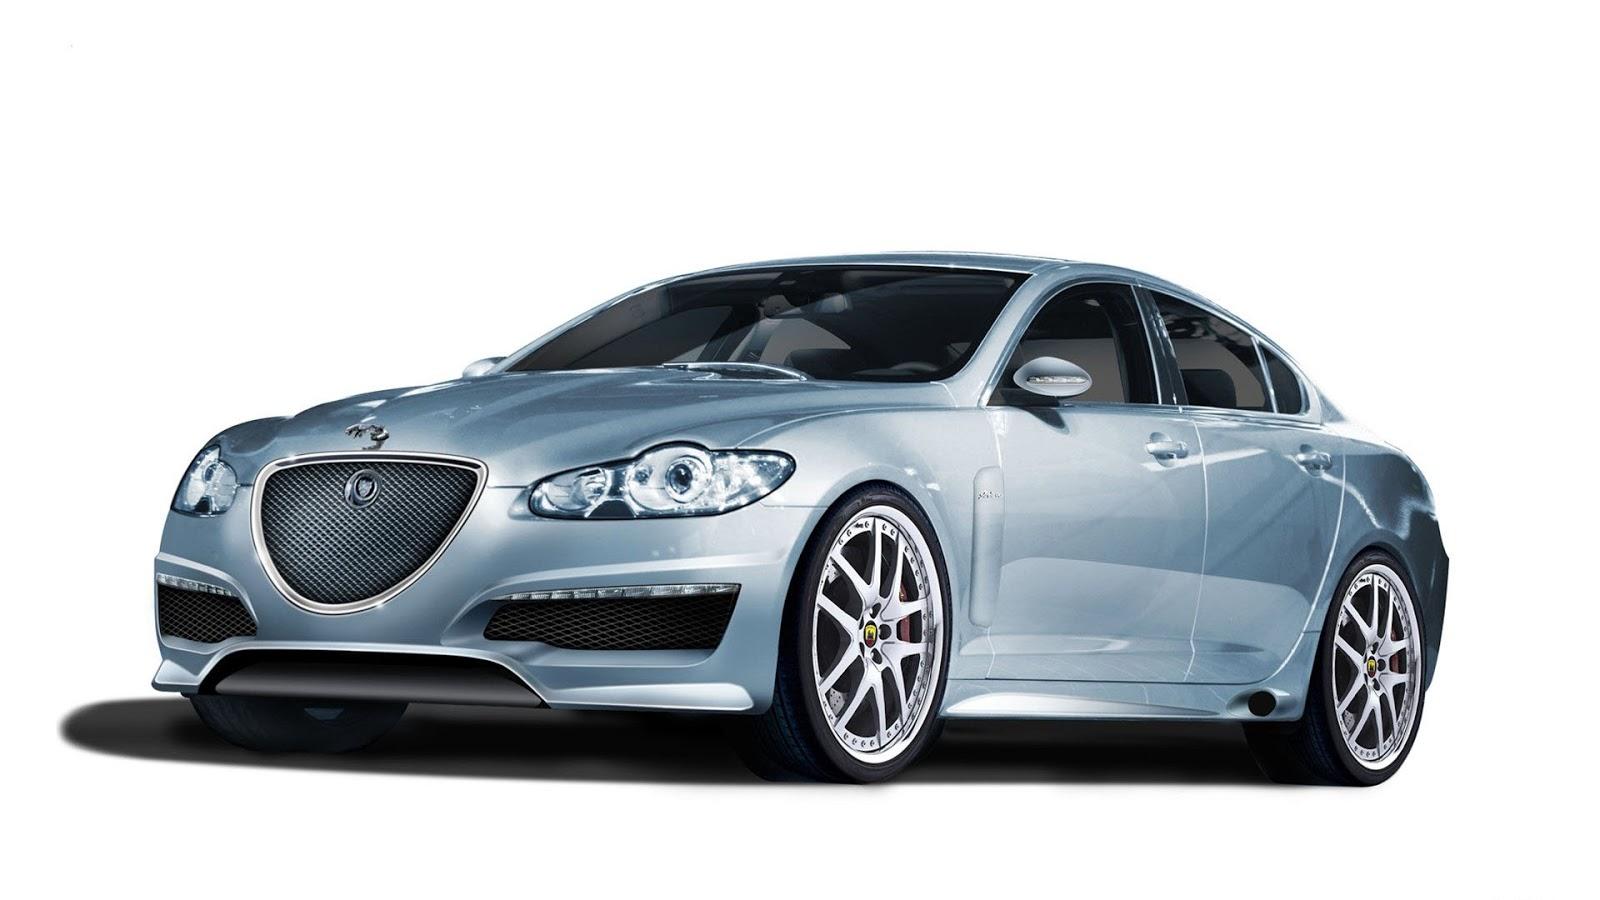 autoparts and accesories for jaguar rh car parts world com jaguar parts diagram jaguar illustration [ 1600 x 900 Pixel ]